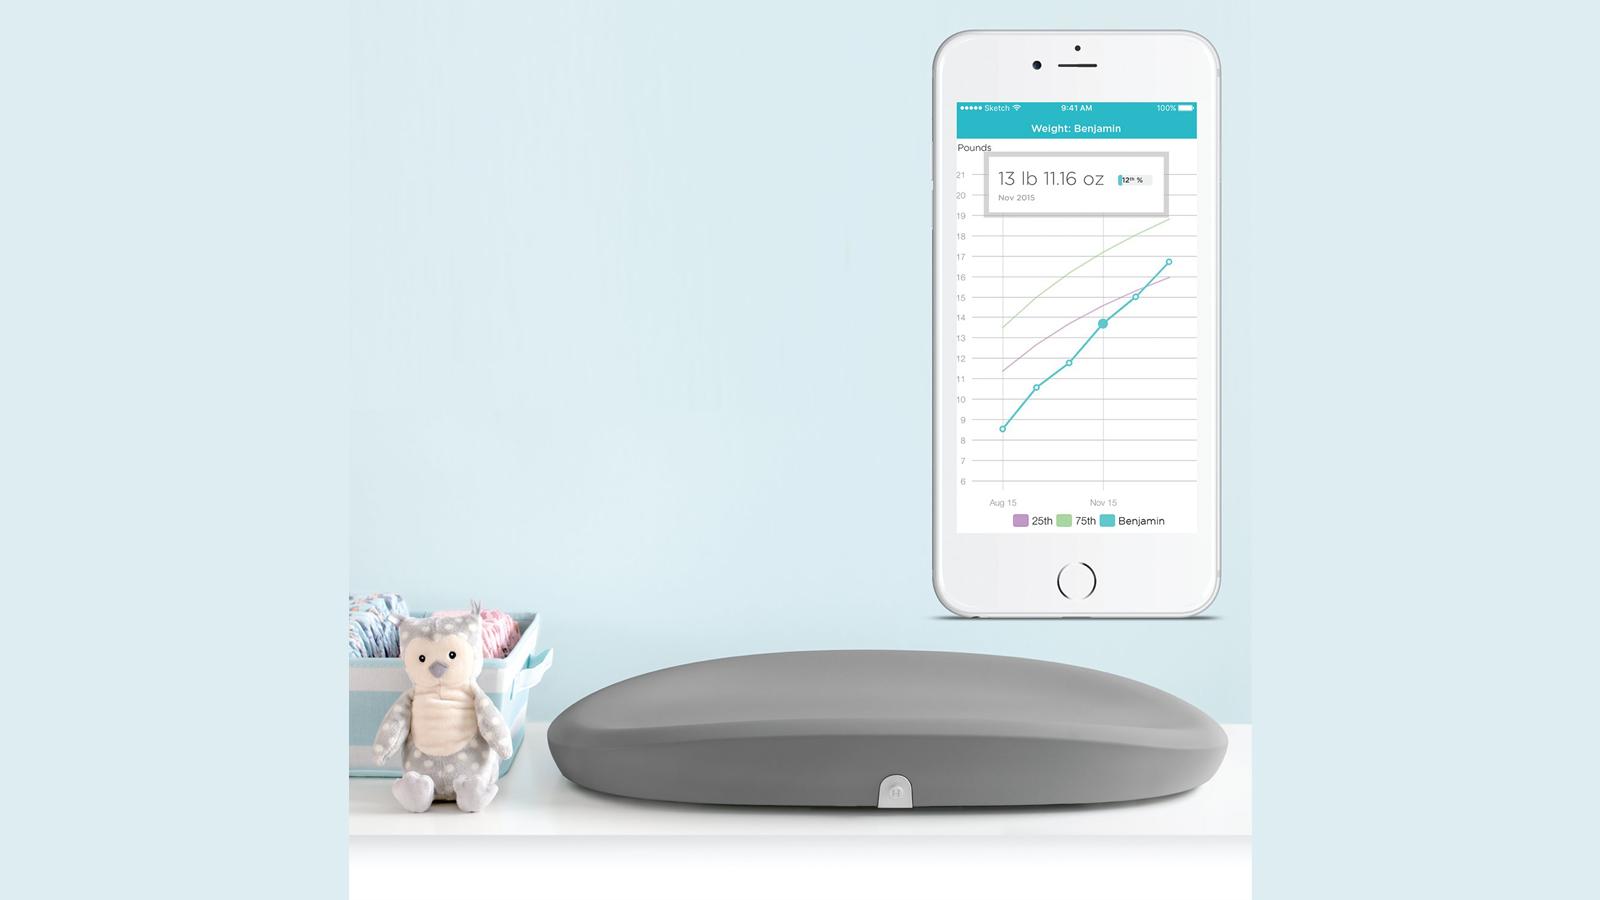 Hatch Baby Grow Smart matelas à langer sur la table à côté de jolis jouets pour bébé et application mobile compagnon sur smartphone